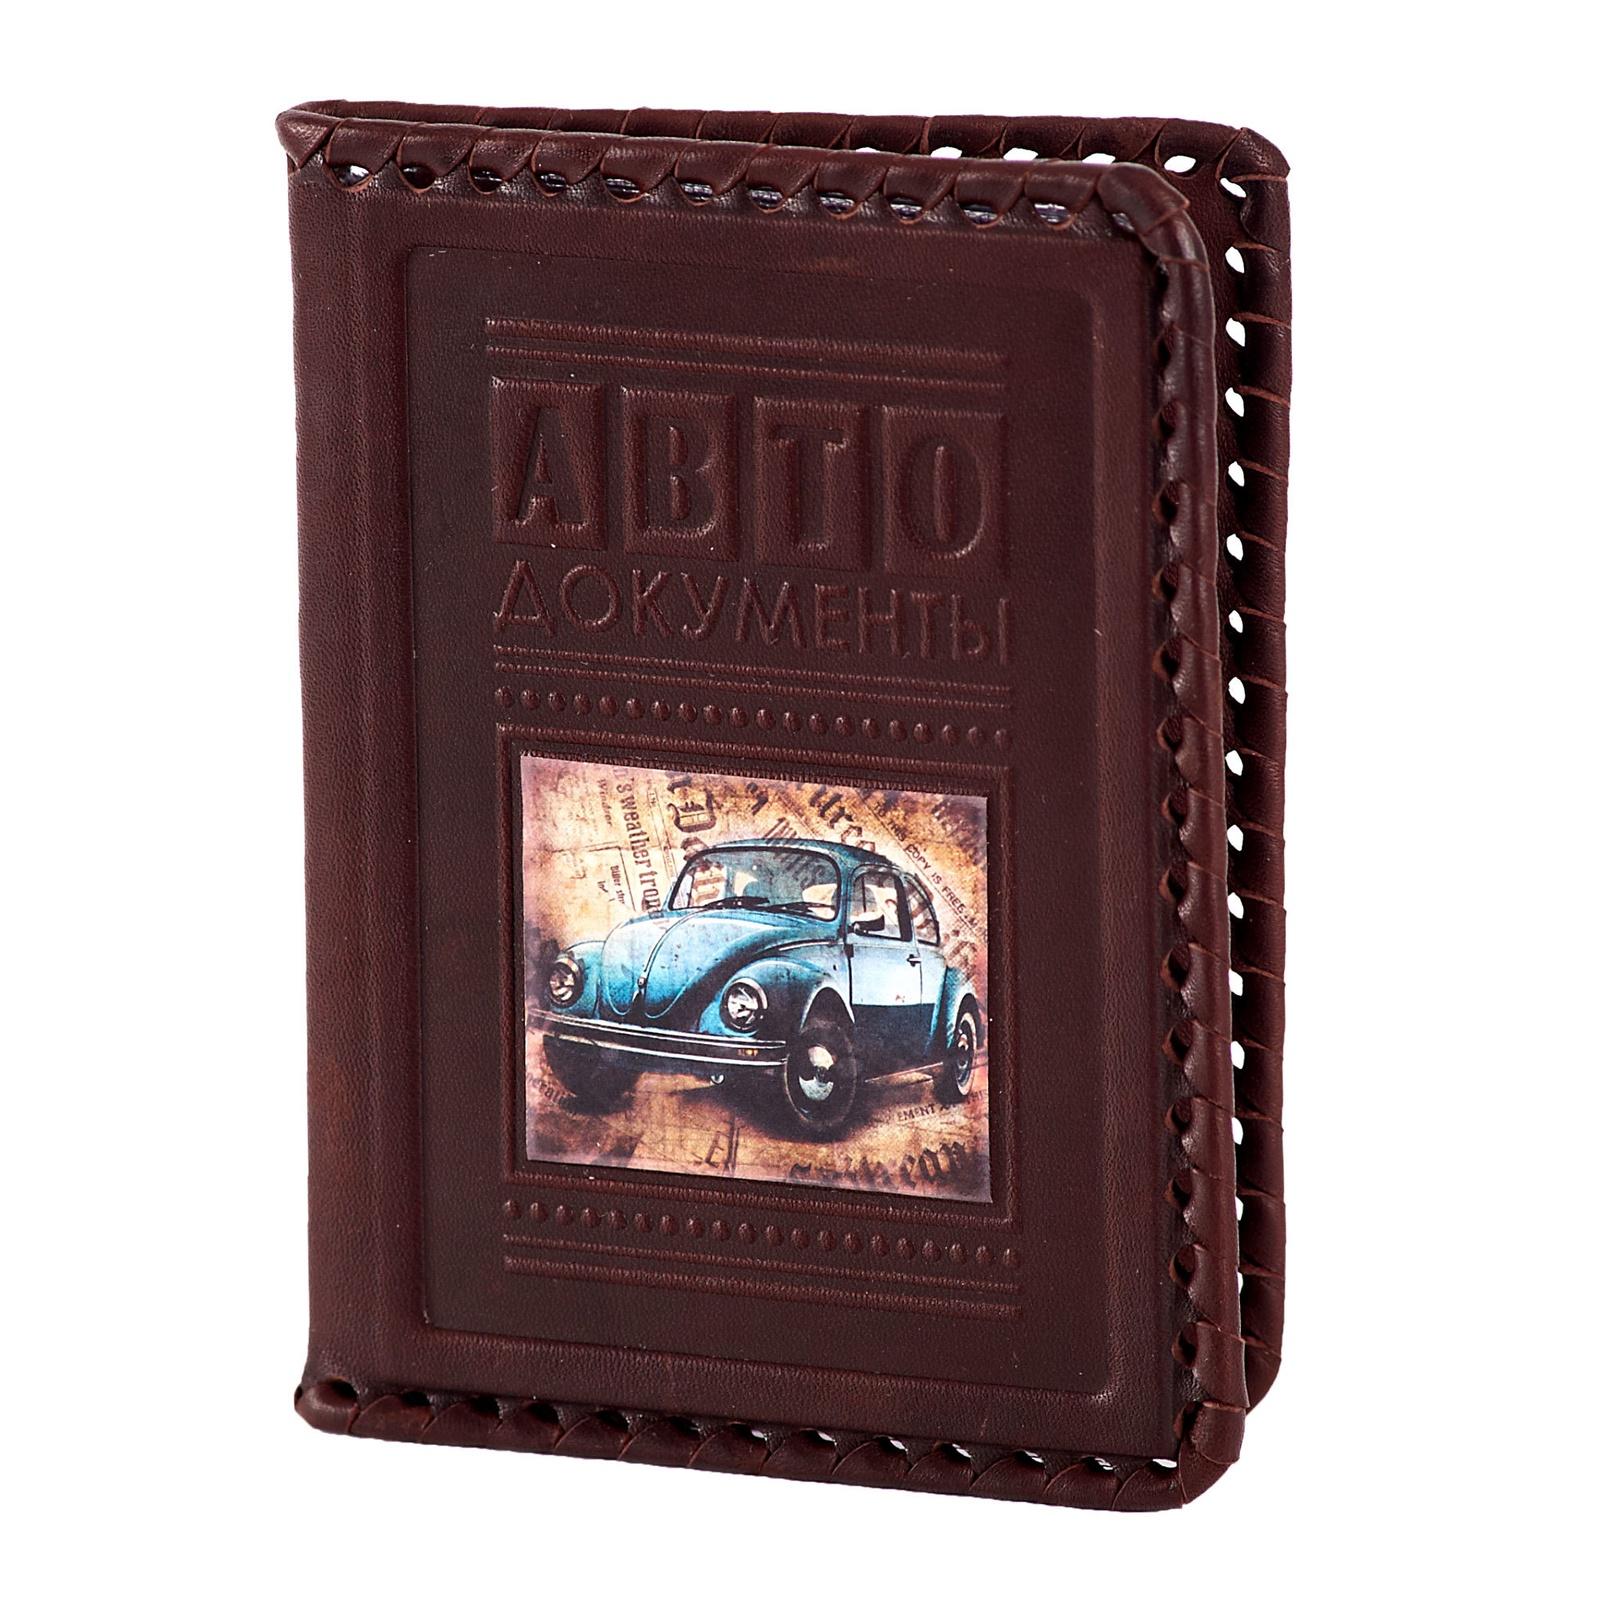 Обложка для водительского удостоверения мужская Makey, 424-003-08-16М, коричневый